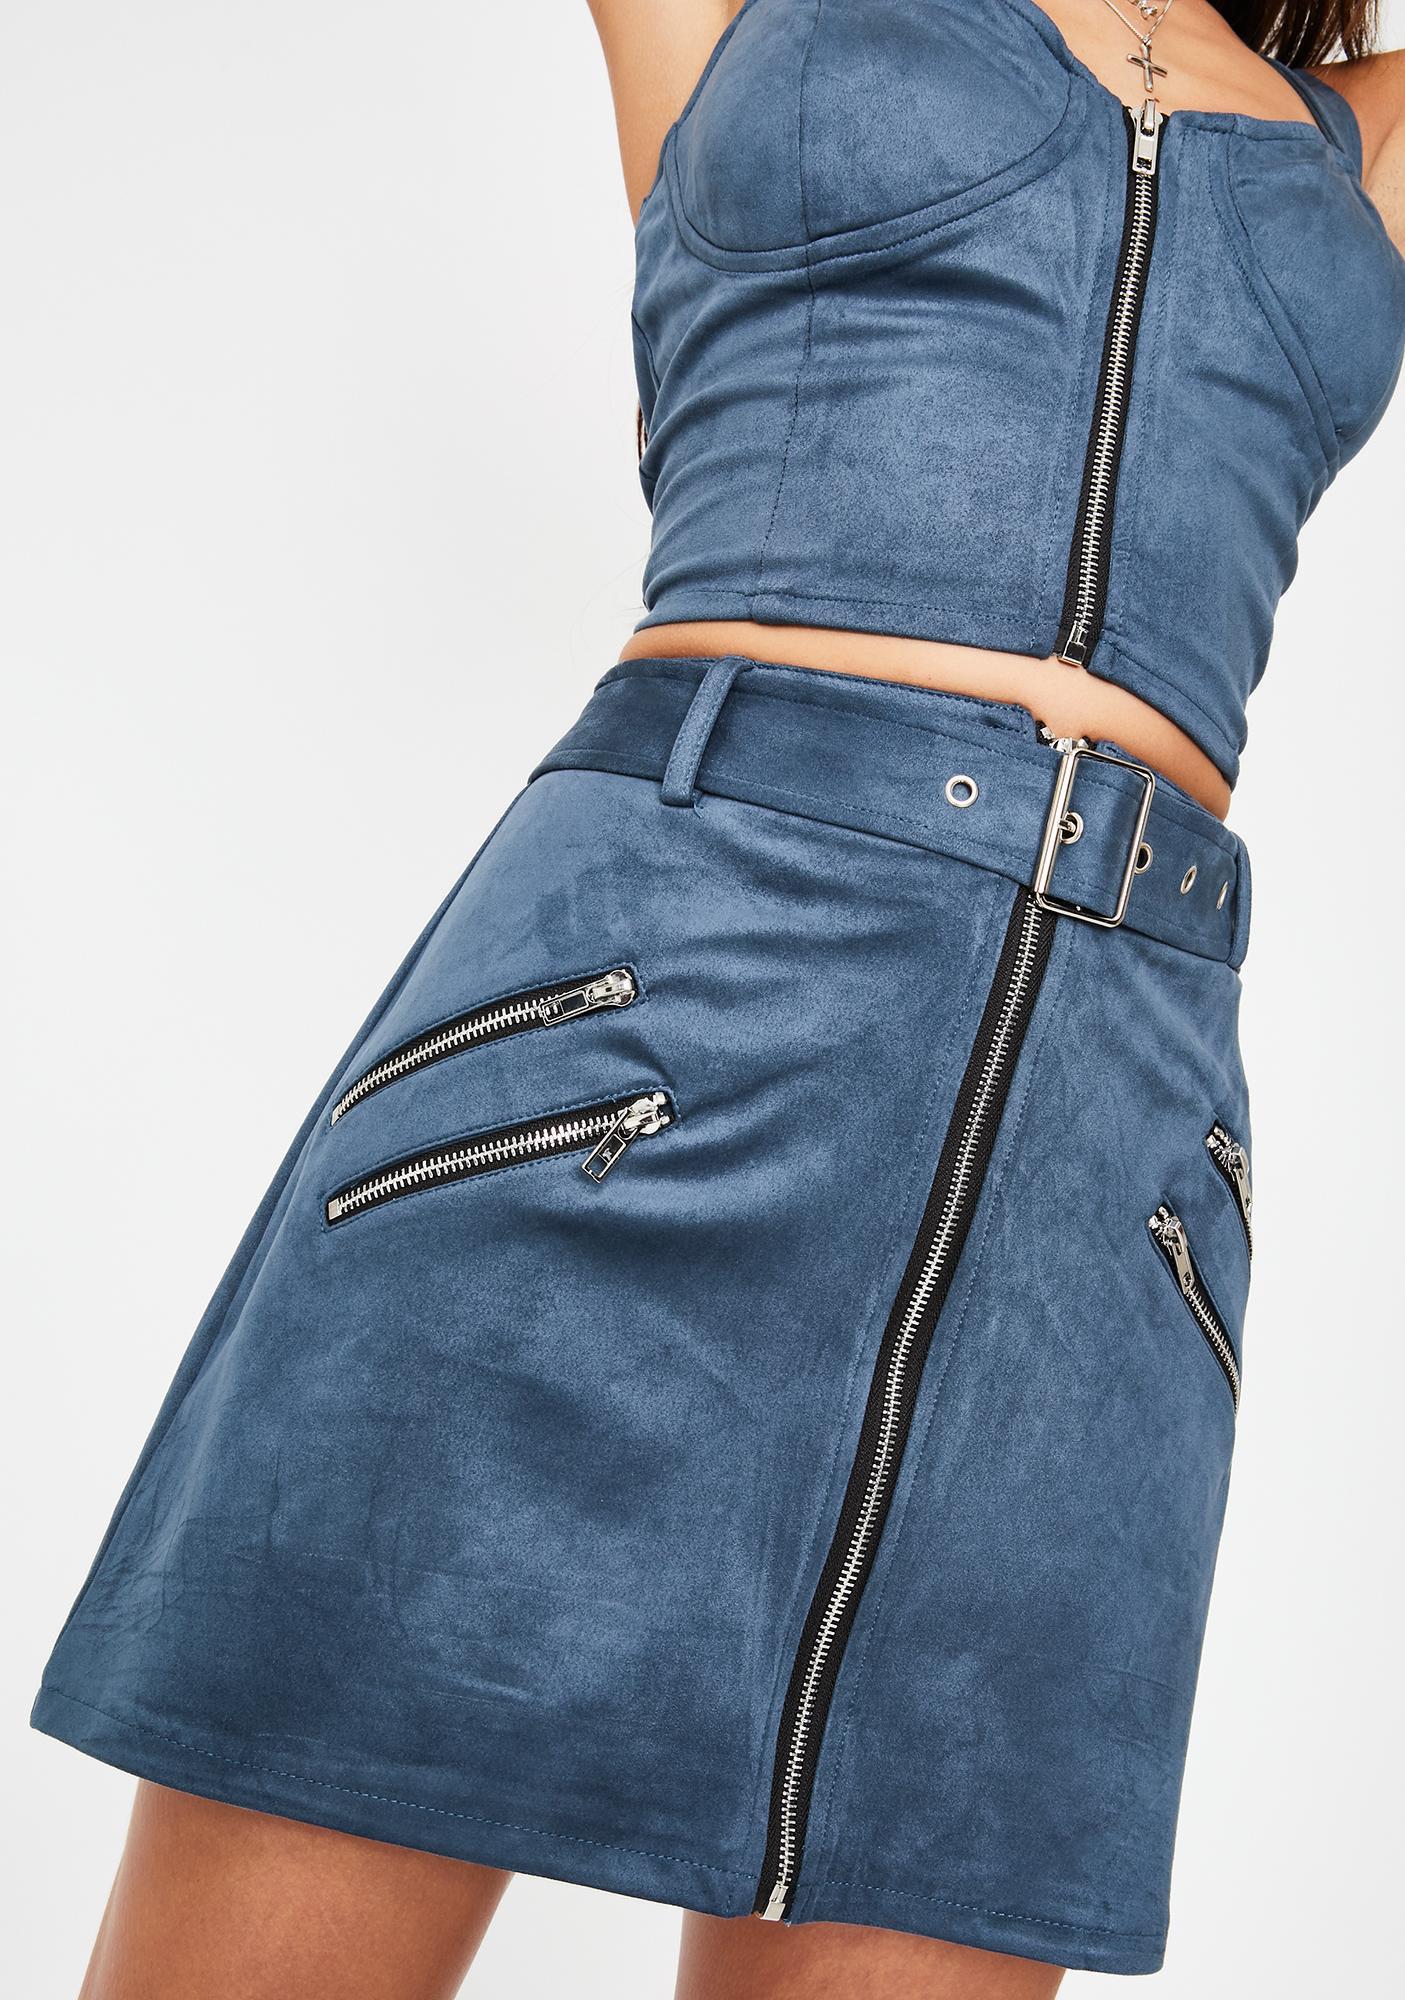 Honey Punch Midnight Blue Zip Mini Skirt